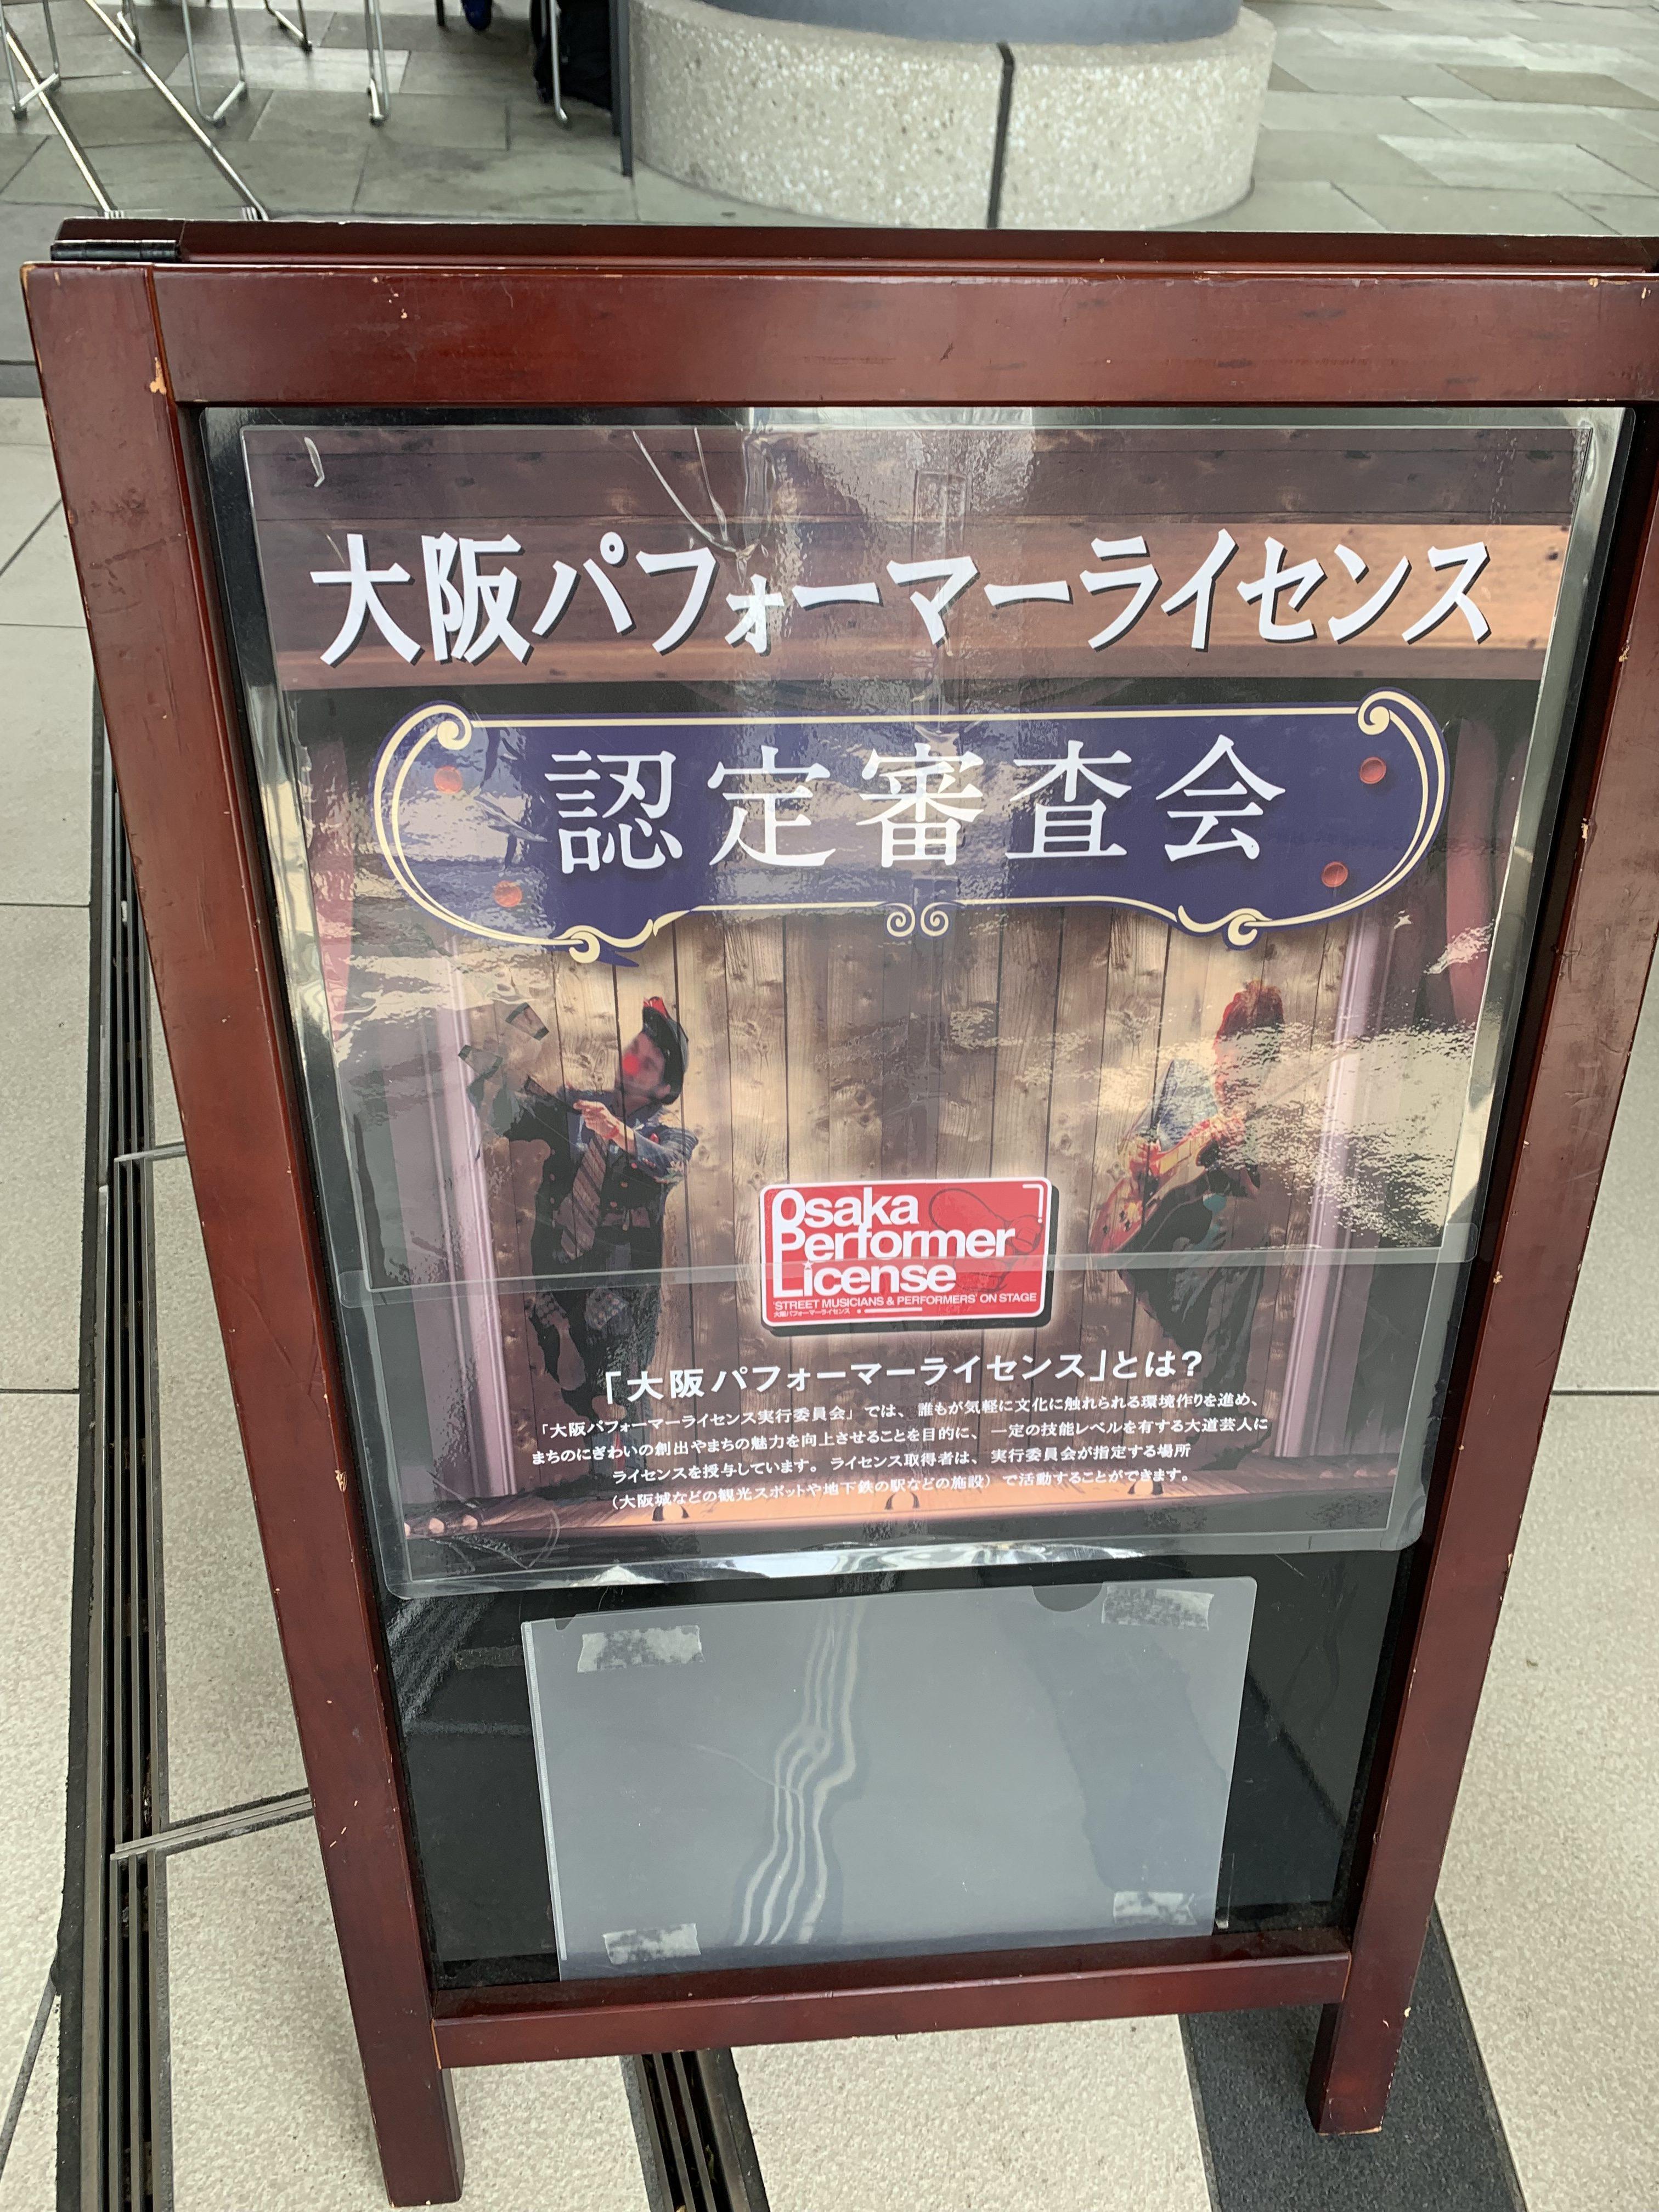 大阪パフォーマーライセンス最終審査